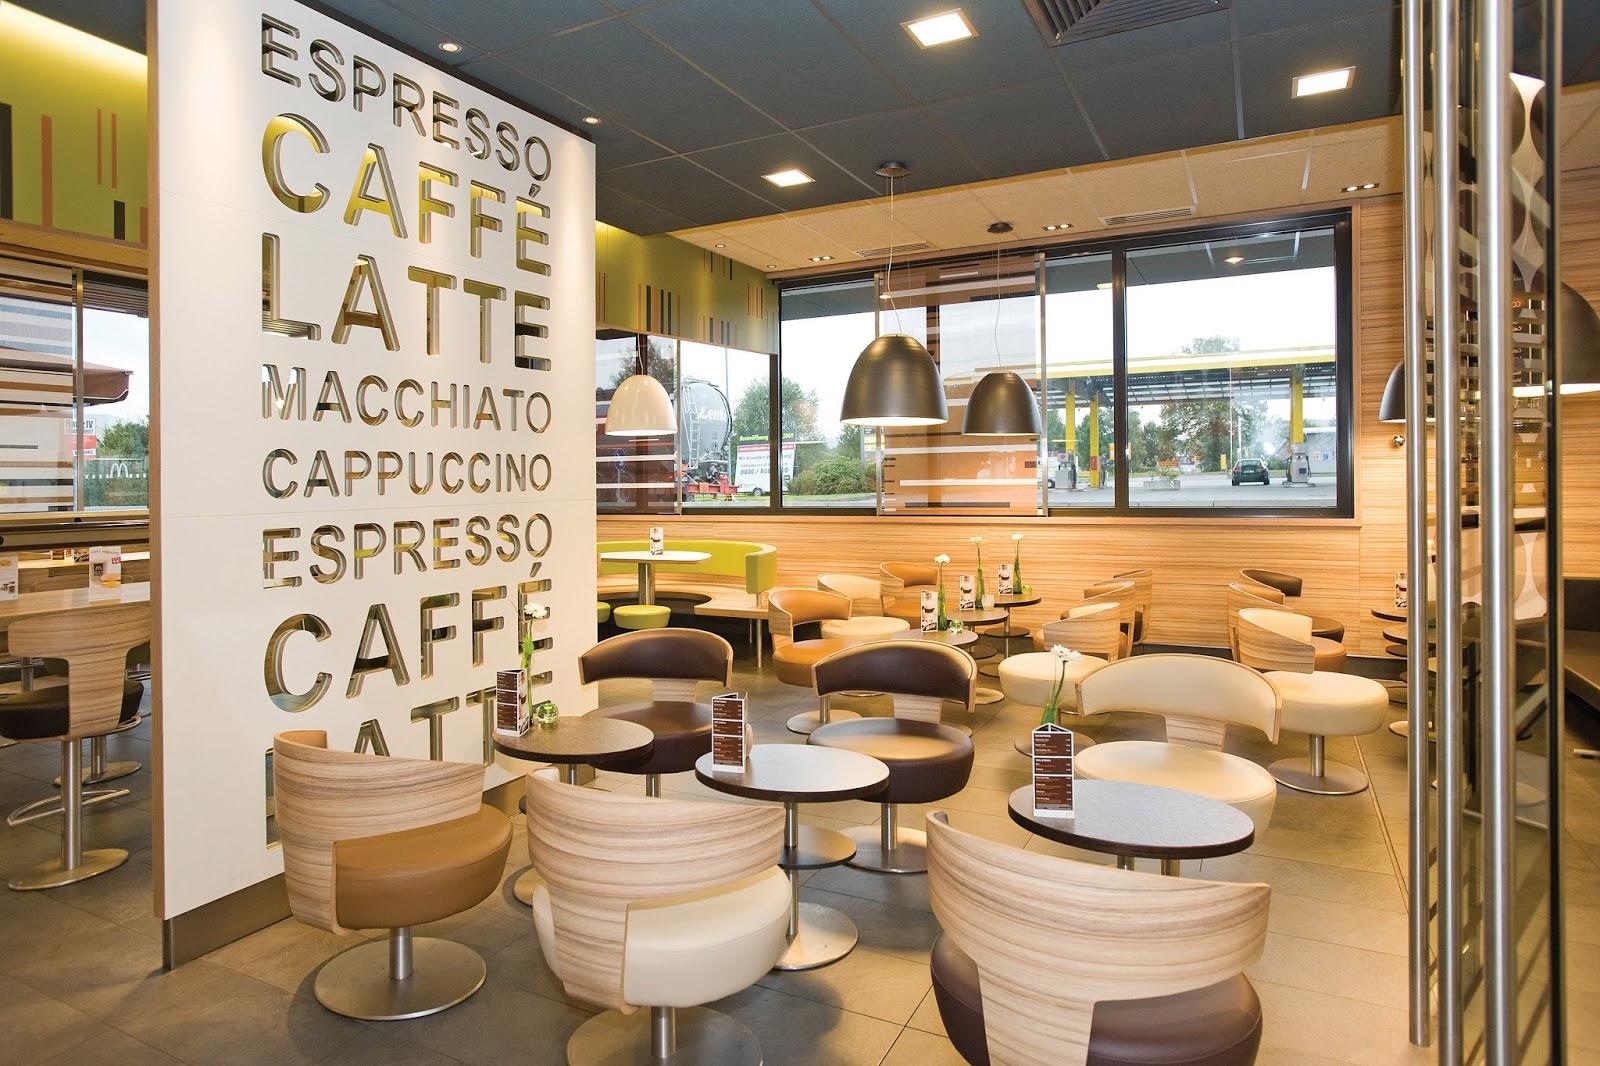 Barquitec dise o de restaurantes gu a para dummies for Decoracion cafeteria